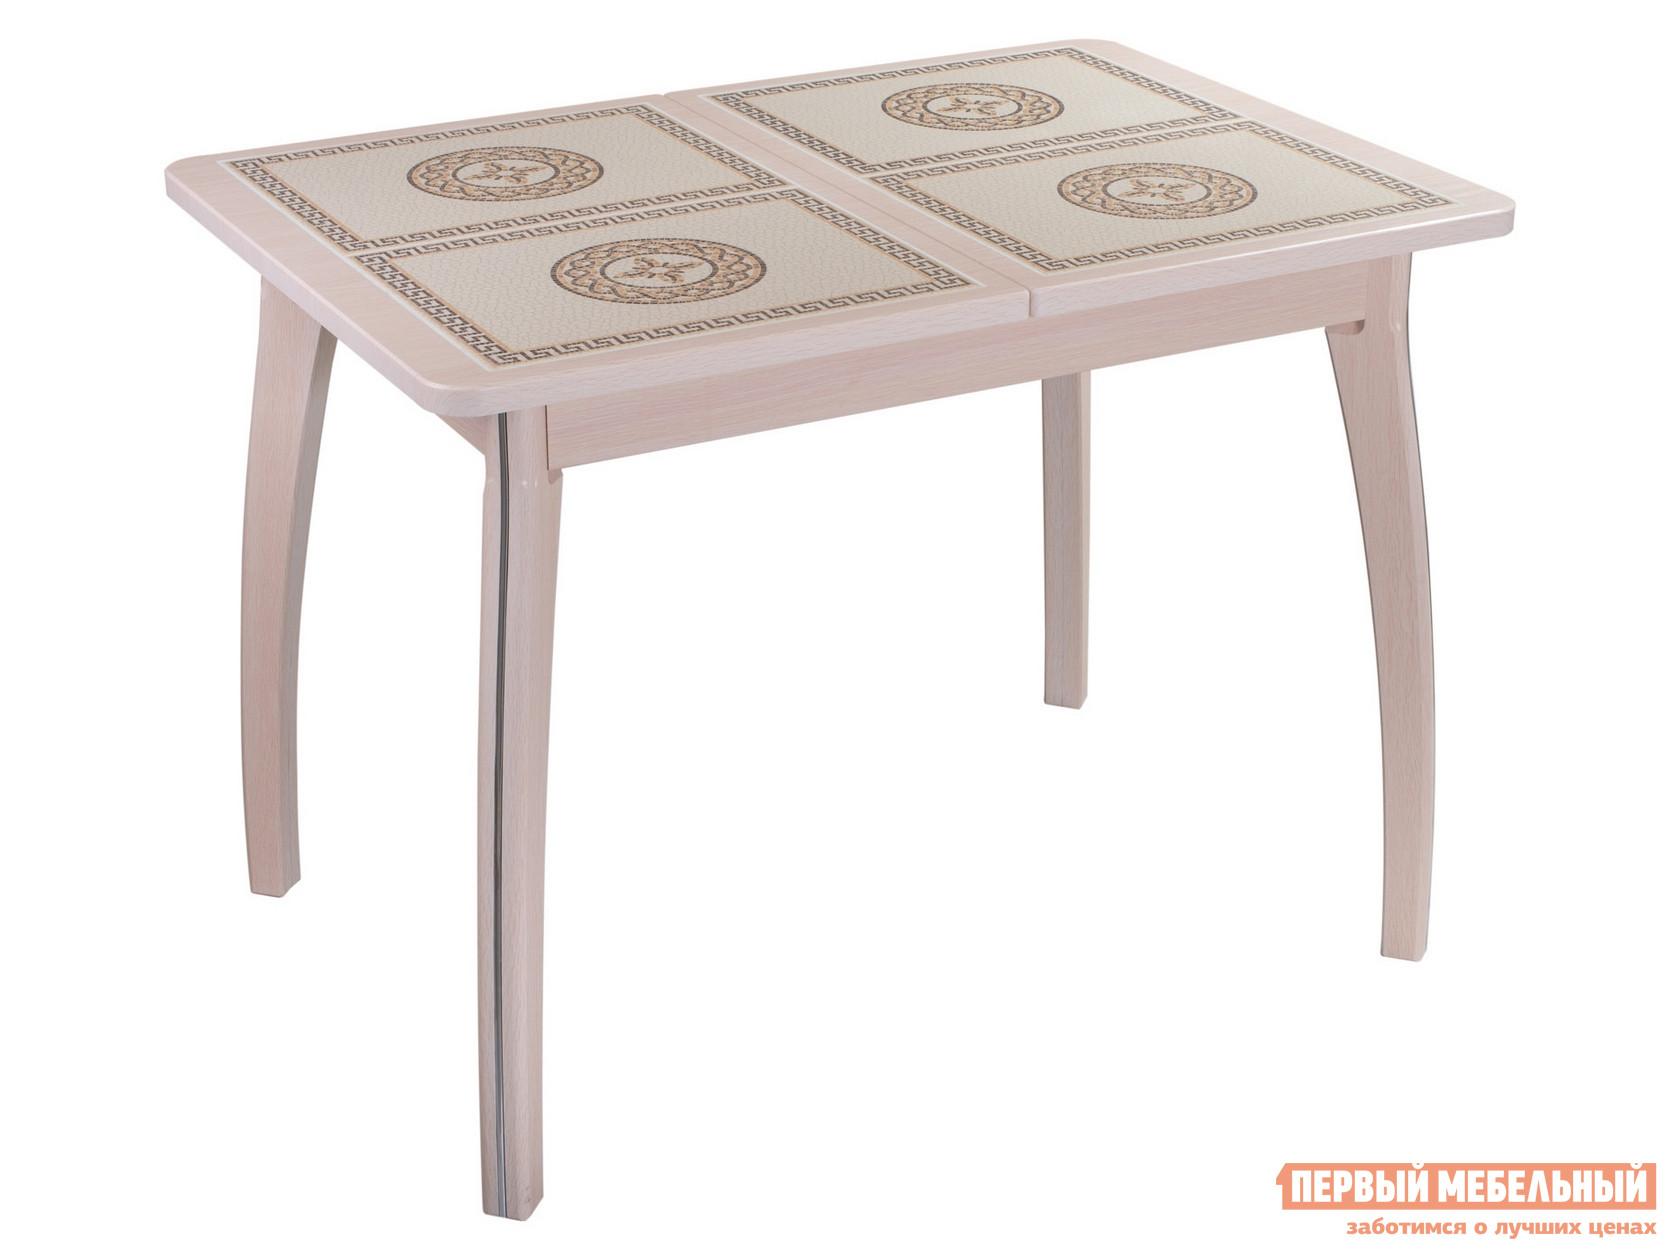 Кухонный стол  Каппа ПР ВП 7 Молочный дуб / Плитка 52